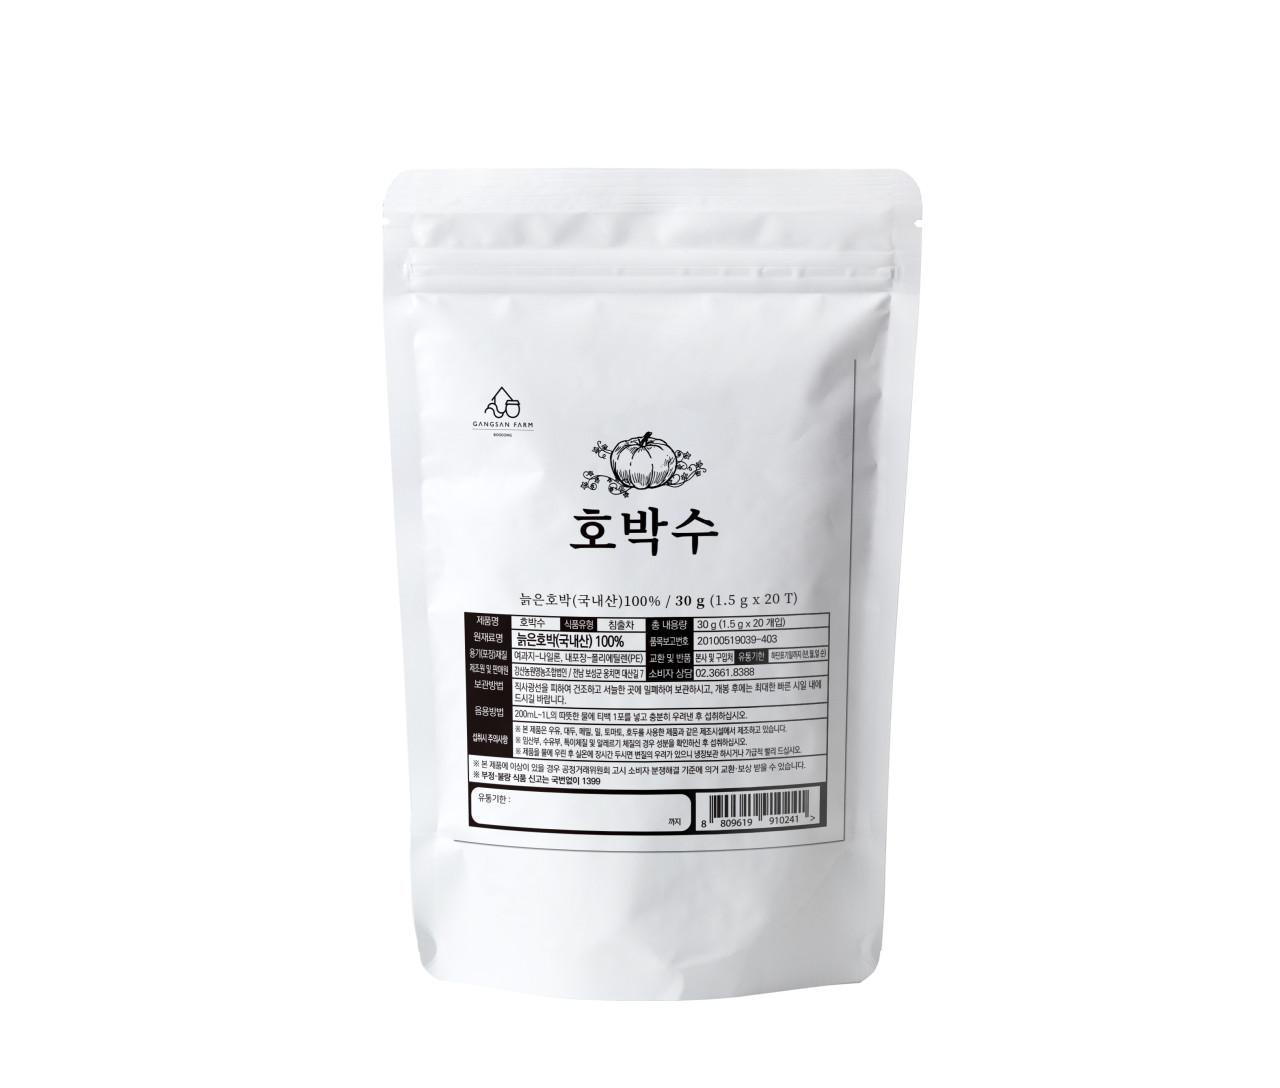 강산농원 호박수, 1.5g, 20개